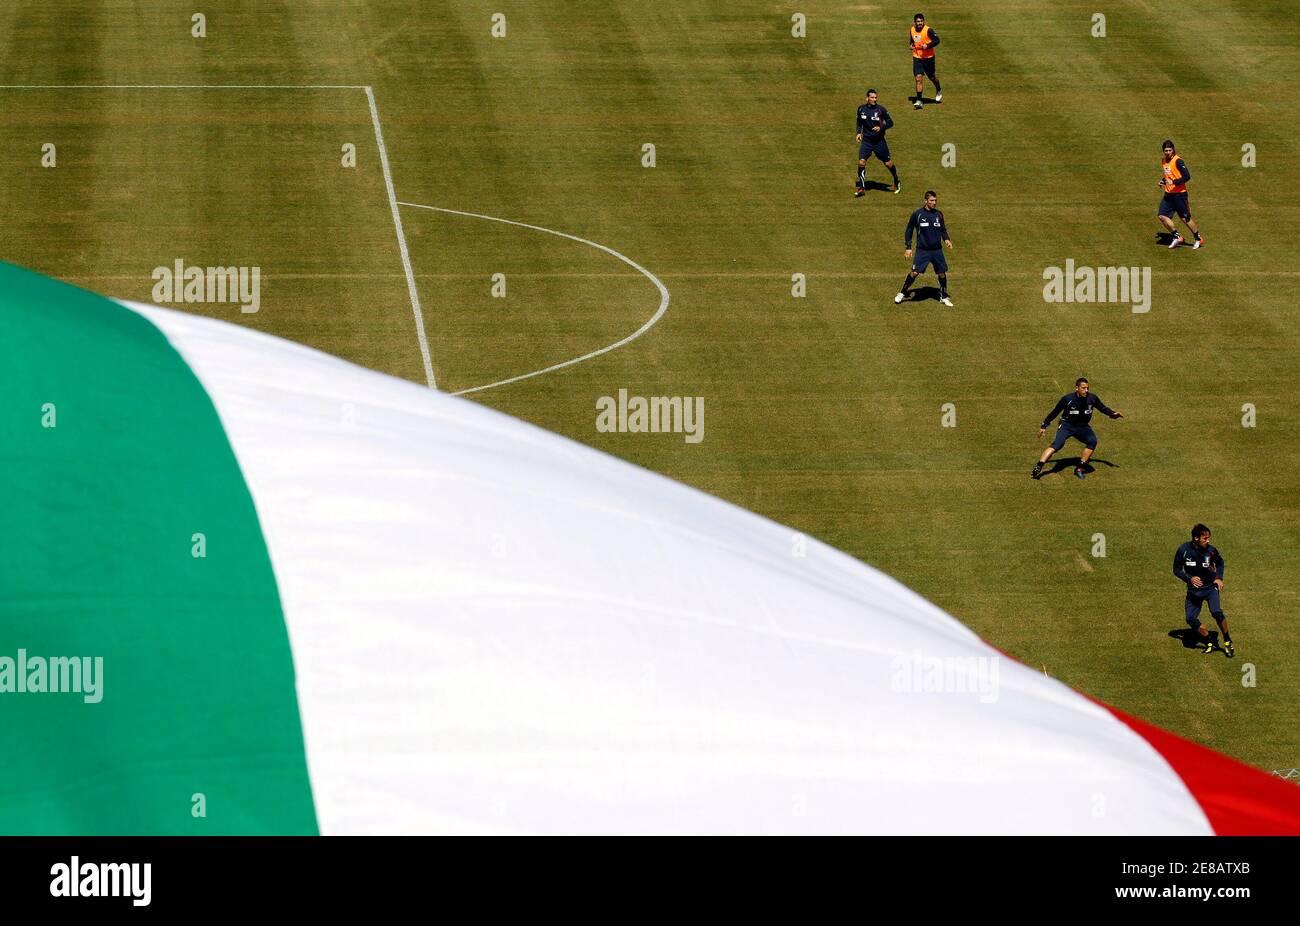 Un drapeau national italien vole alors que les joueurs de football italiens s'exercent lors d'une séance d'entraînement matinale à Sestriere le 24 mai 2010. REUTERS/Alessandro Bianchi (ITALIE - TAGS: SPORT FOOTBALL COUPE DU MONDE IMAGES DU JOUR) Banque D'Images